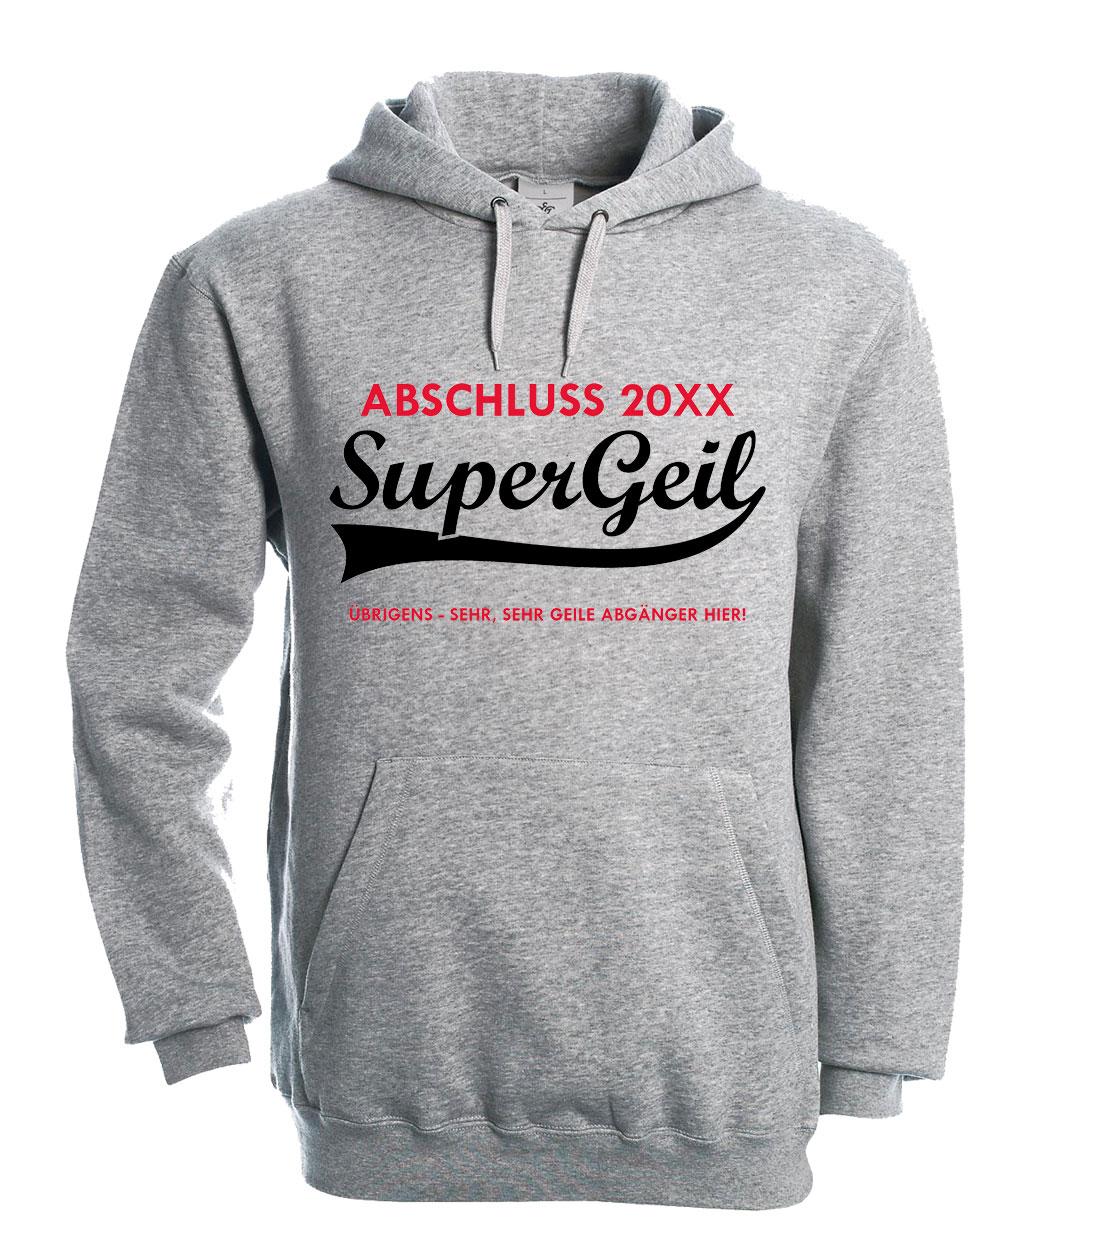 low priced 042b5 228e4 Supergeile Supergeil Abschluss Hoodies günstig bestellen und ...